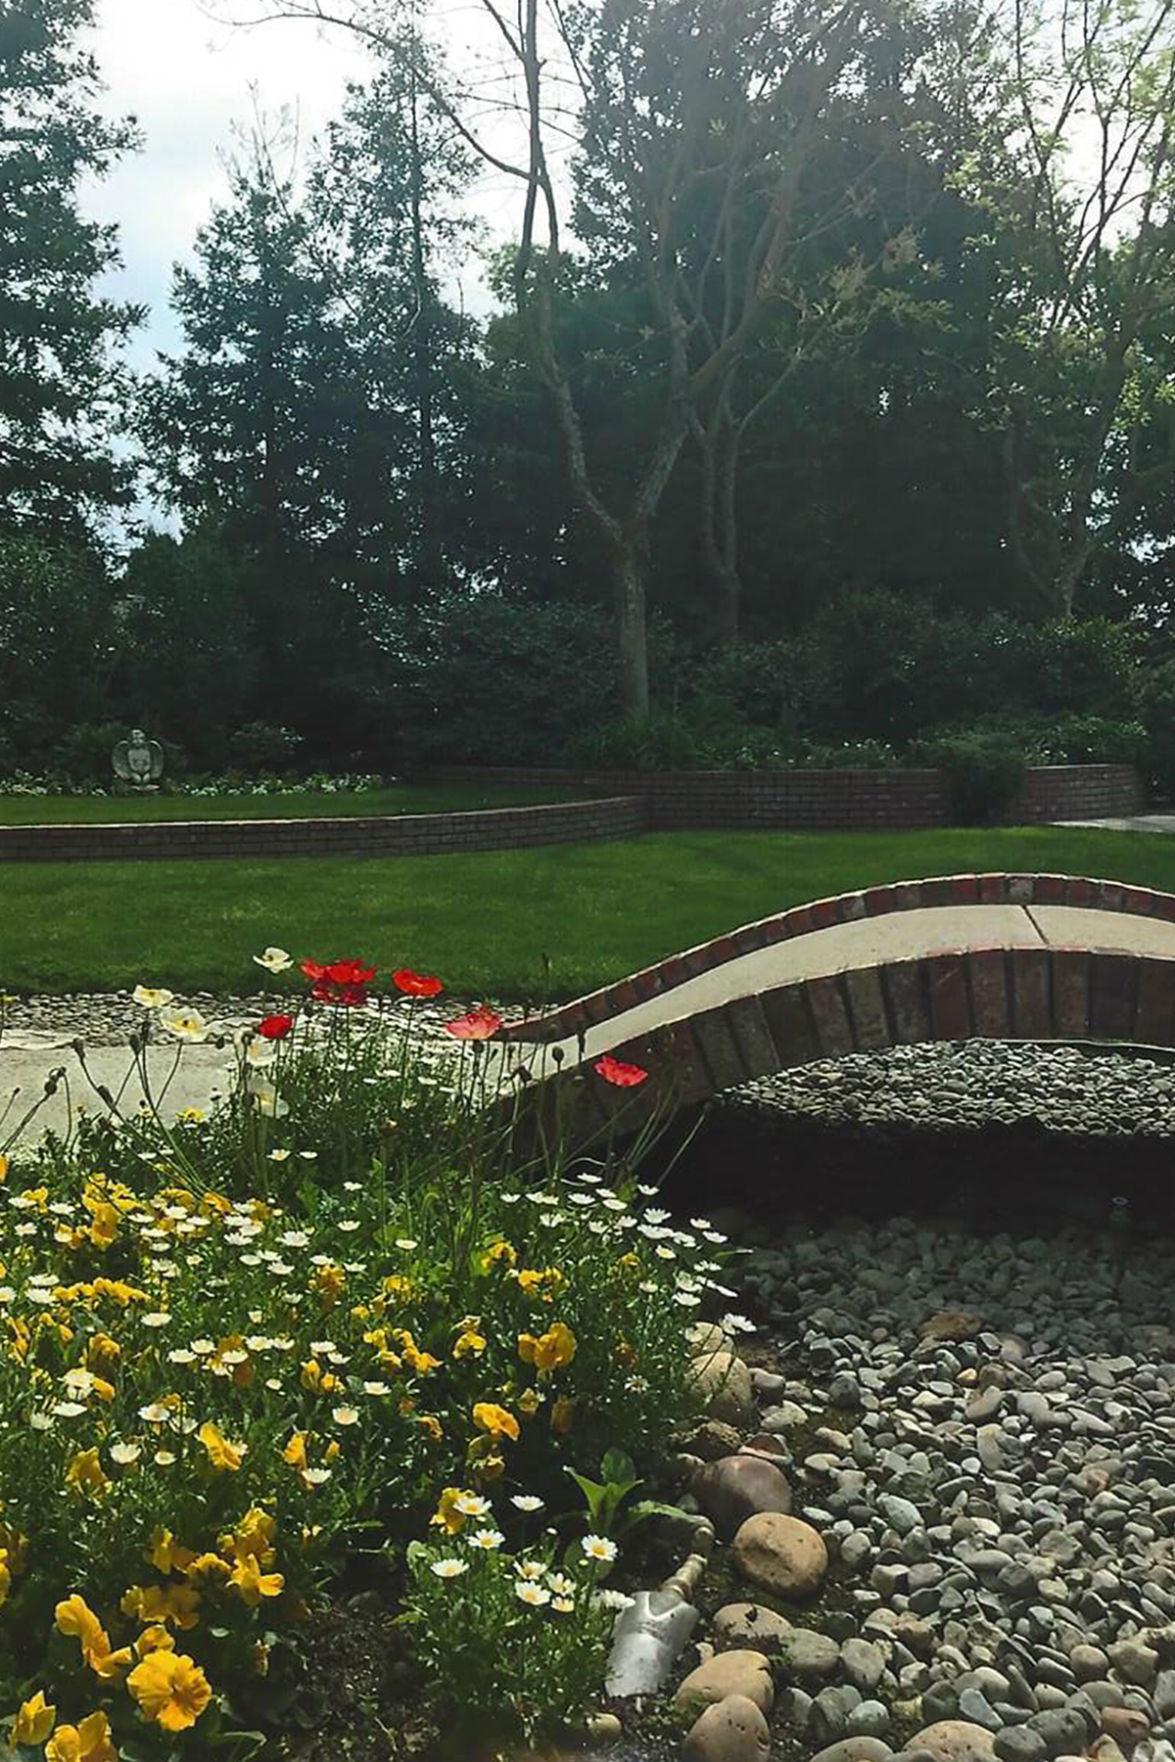 Gardeners: Bishops' garden